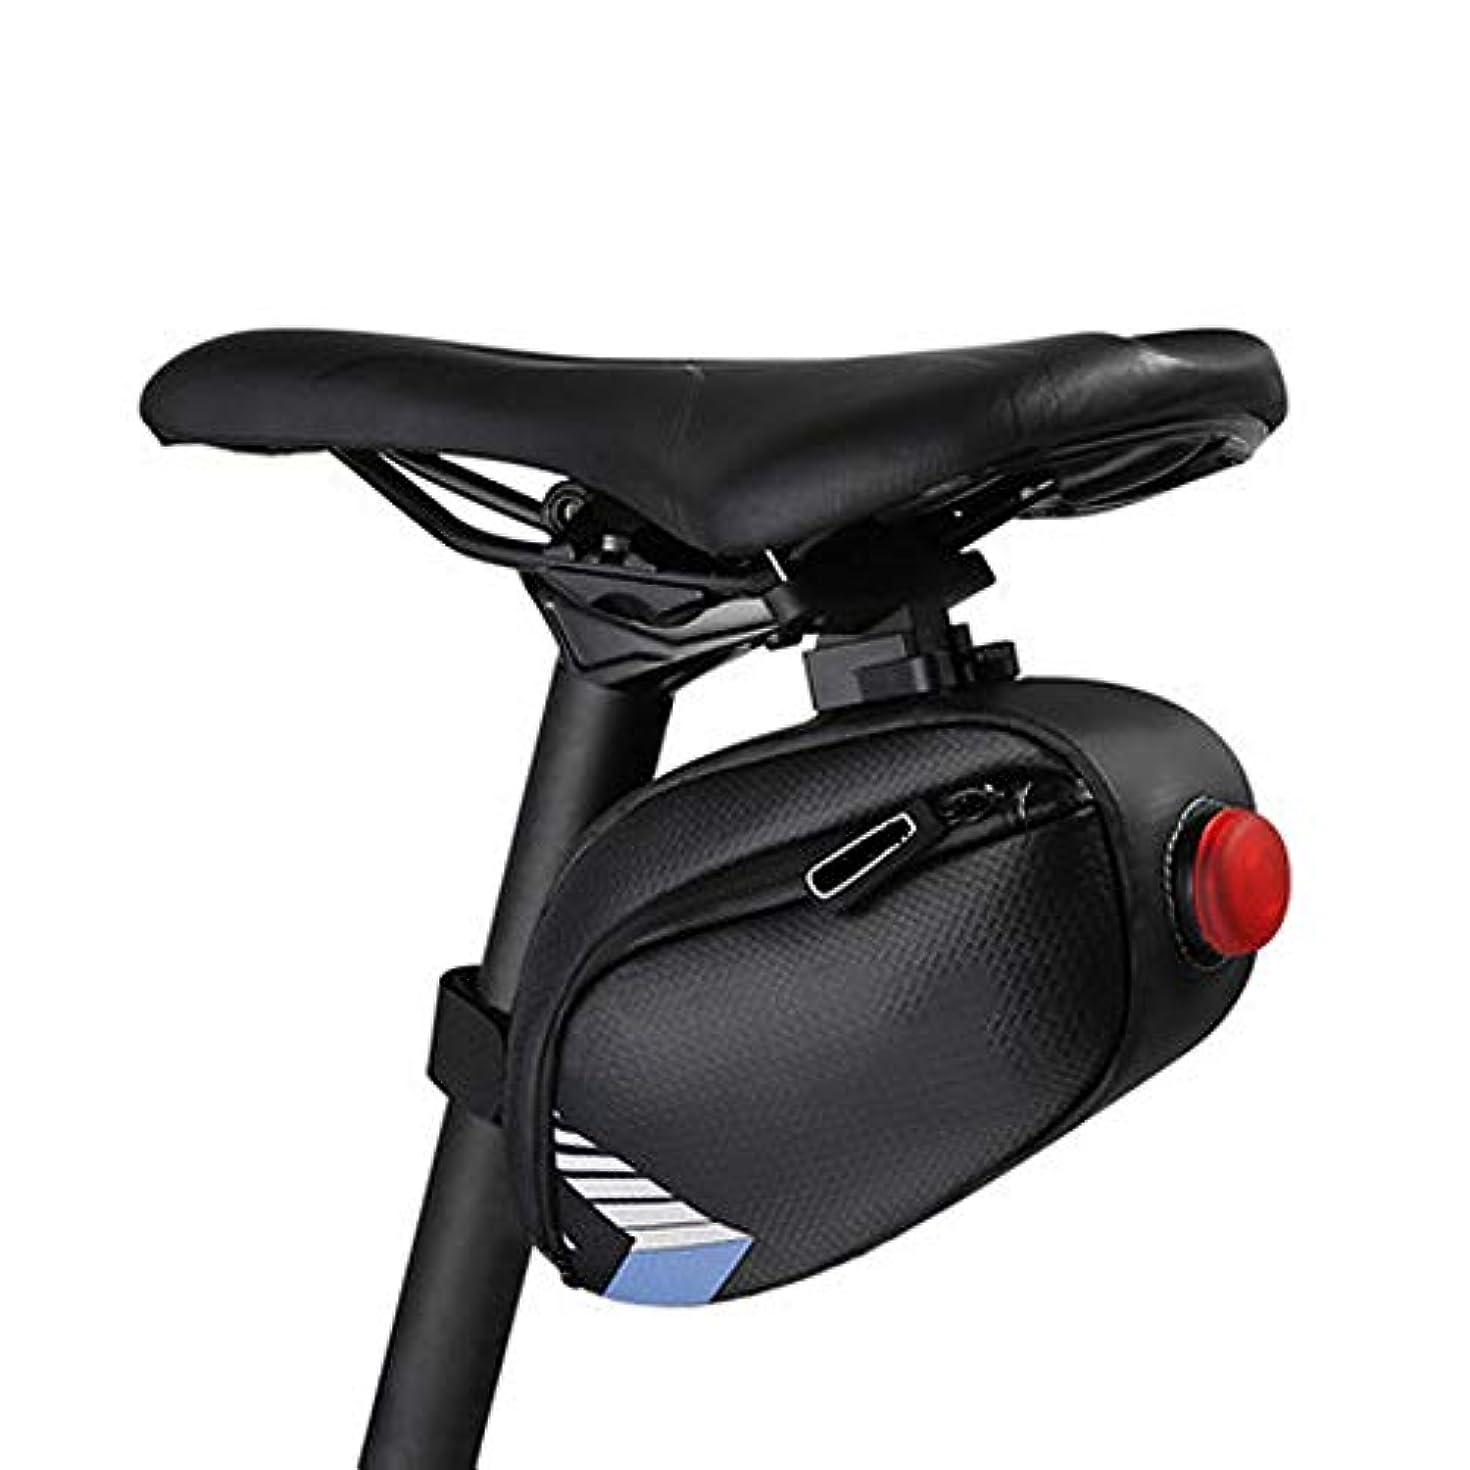 神経障害くま動員する自転車シートパックバッグサイクリング機器大容量サドルバッグ サイクリングバッグ防水 (色 : 紫の)